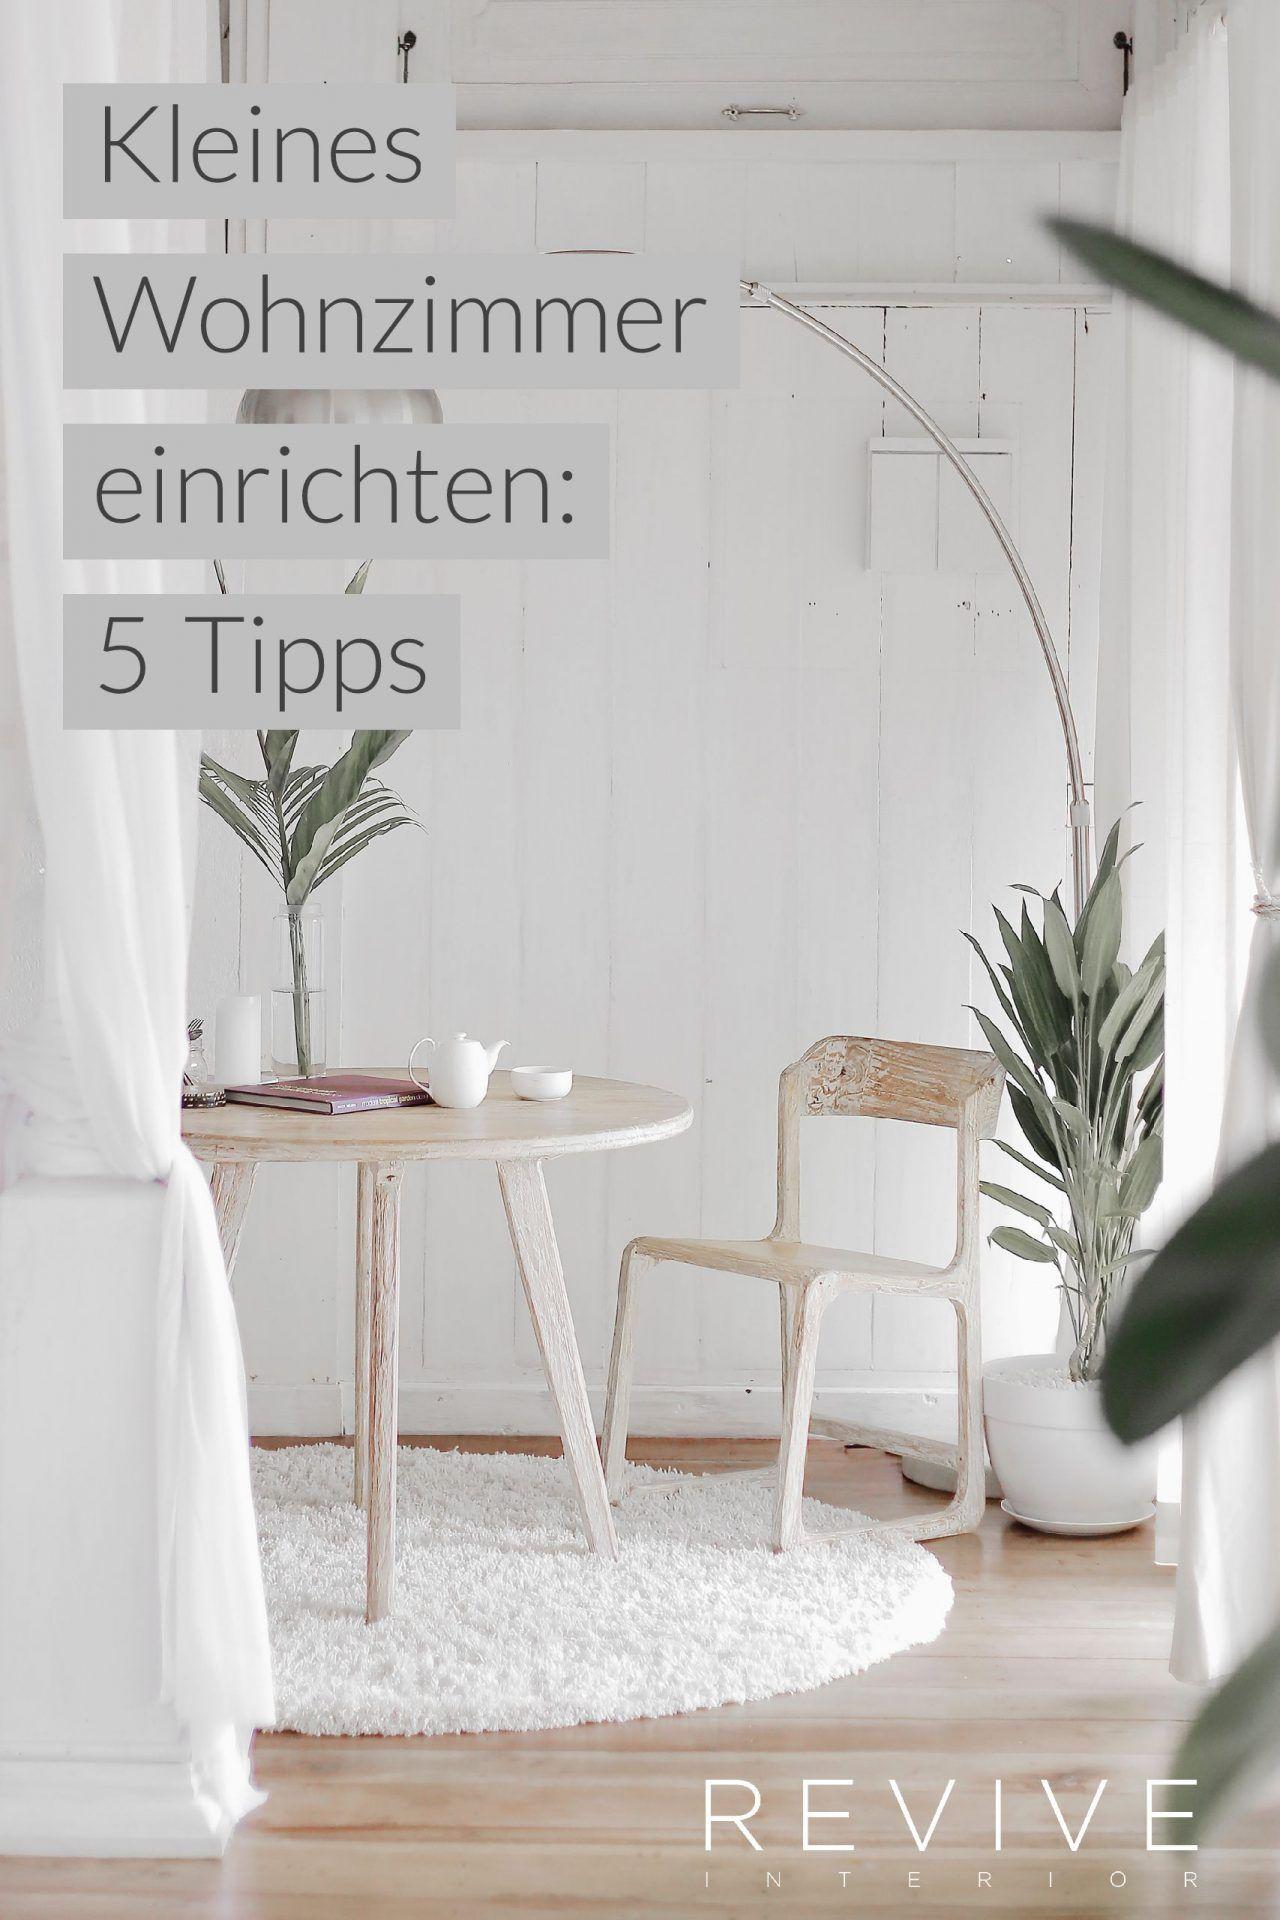 Kleiner Raum 5 Tipps Die Du Beachten Solltest Wohnideen